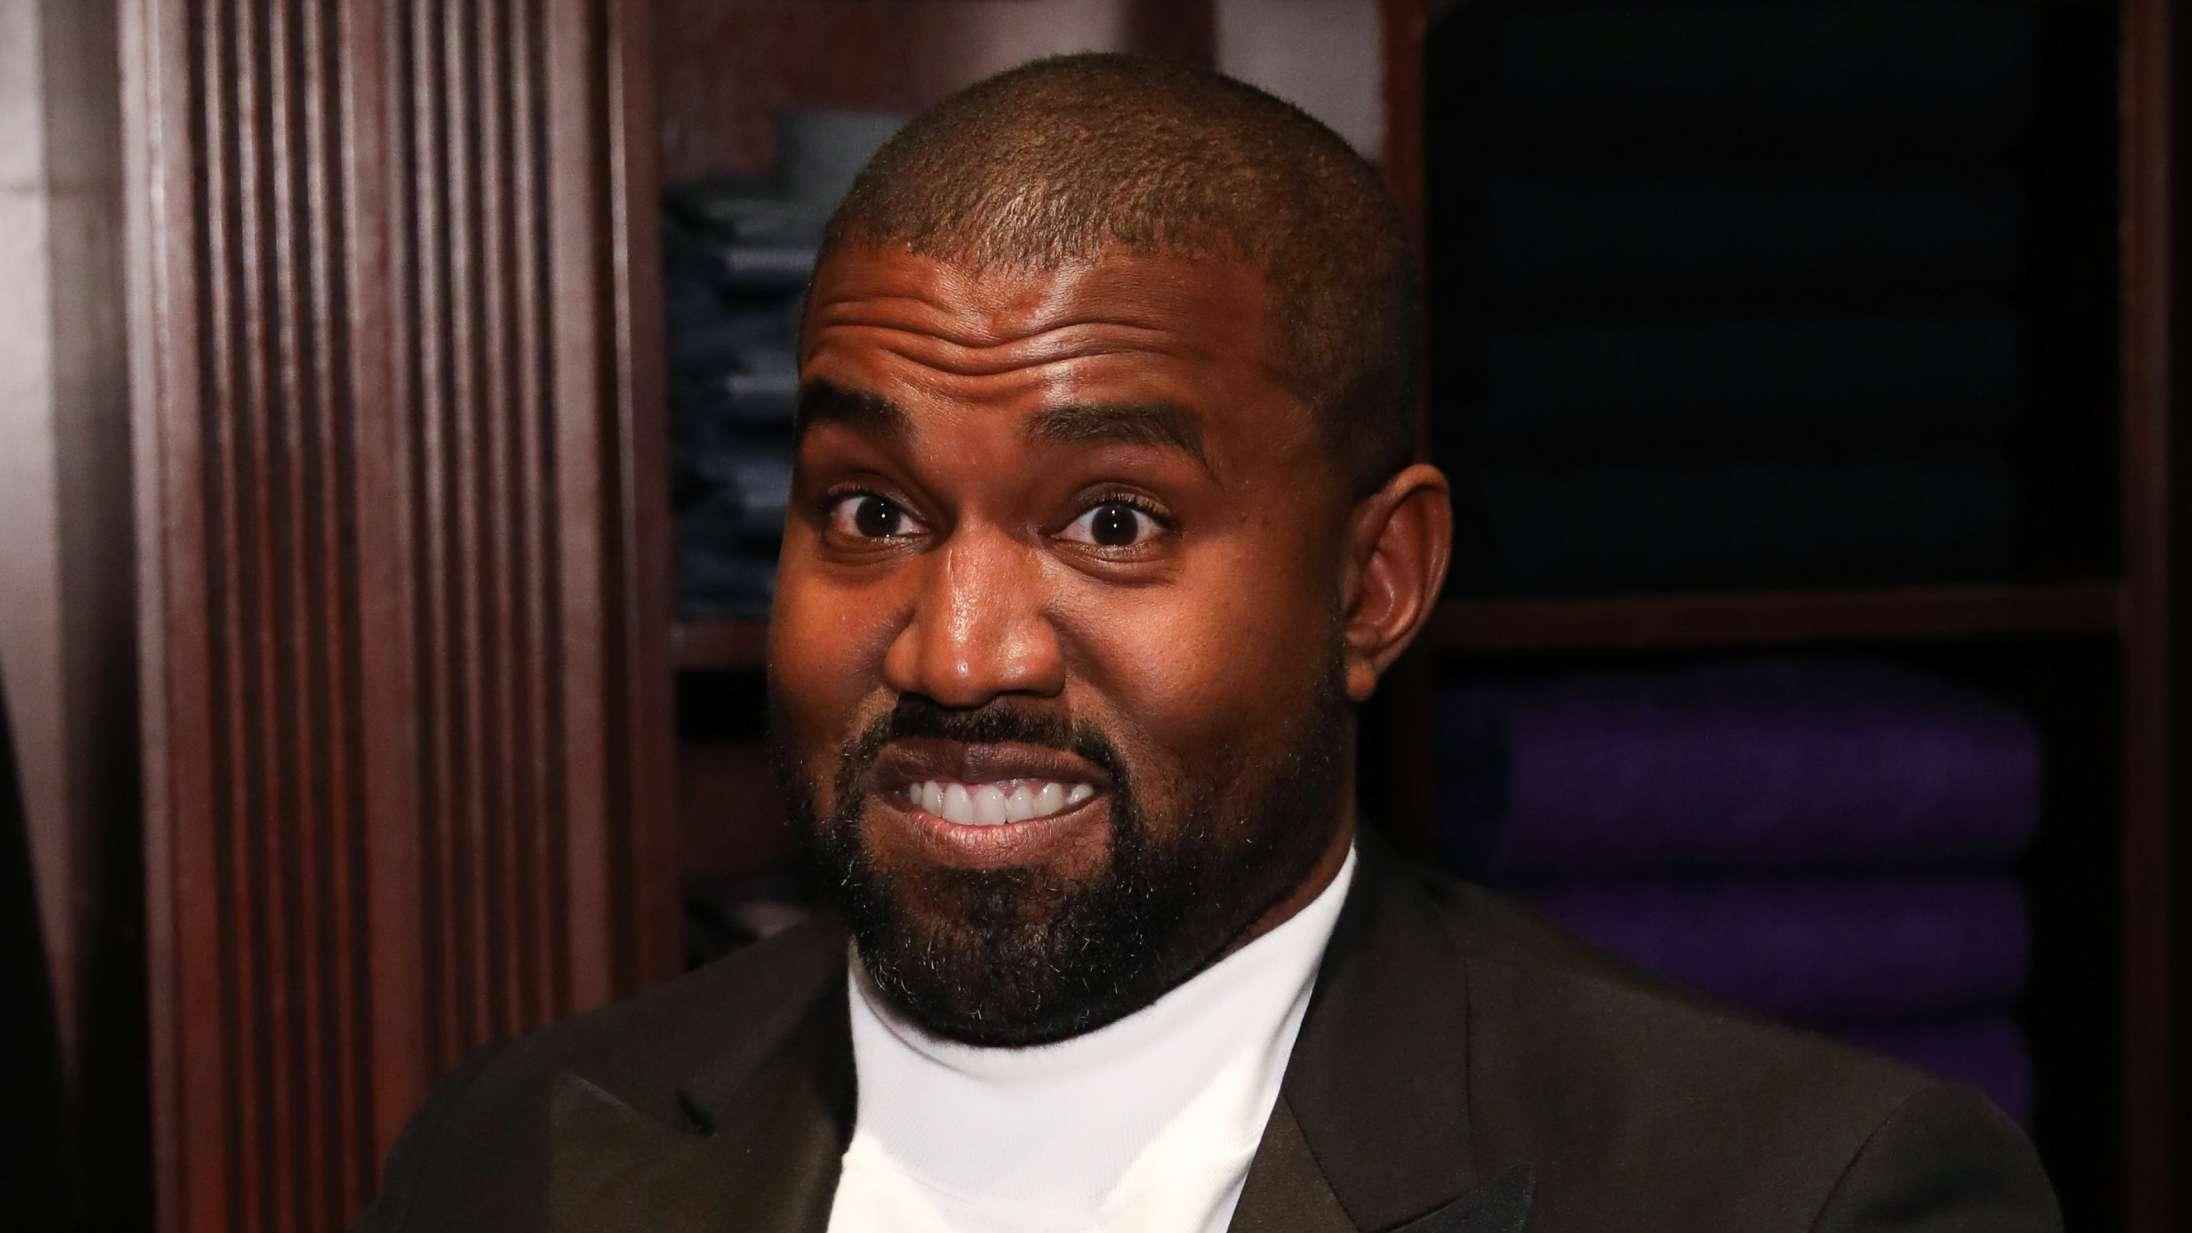 Kommer 'Donda' nogensinde? Her er tre Kanye West-album, der aldrig blev udgivet